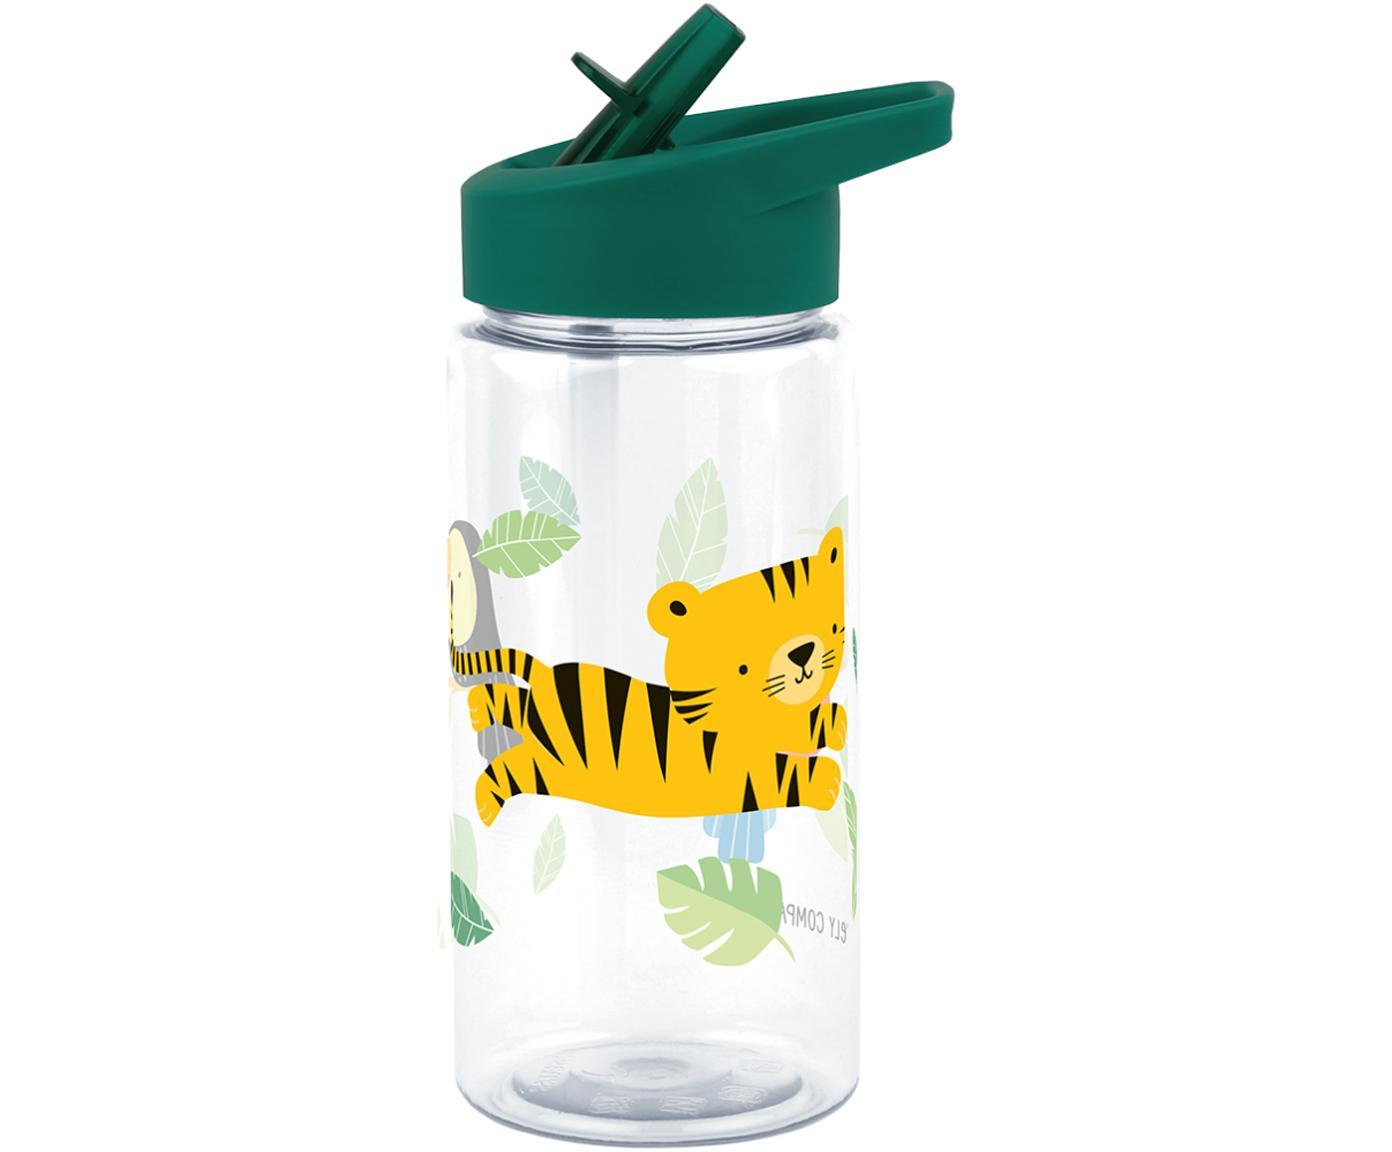 Bidon Jungle Tiger, Tworzywo sztuczne, Zielony, 450 ml